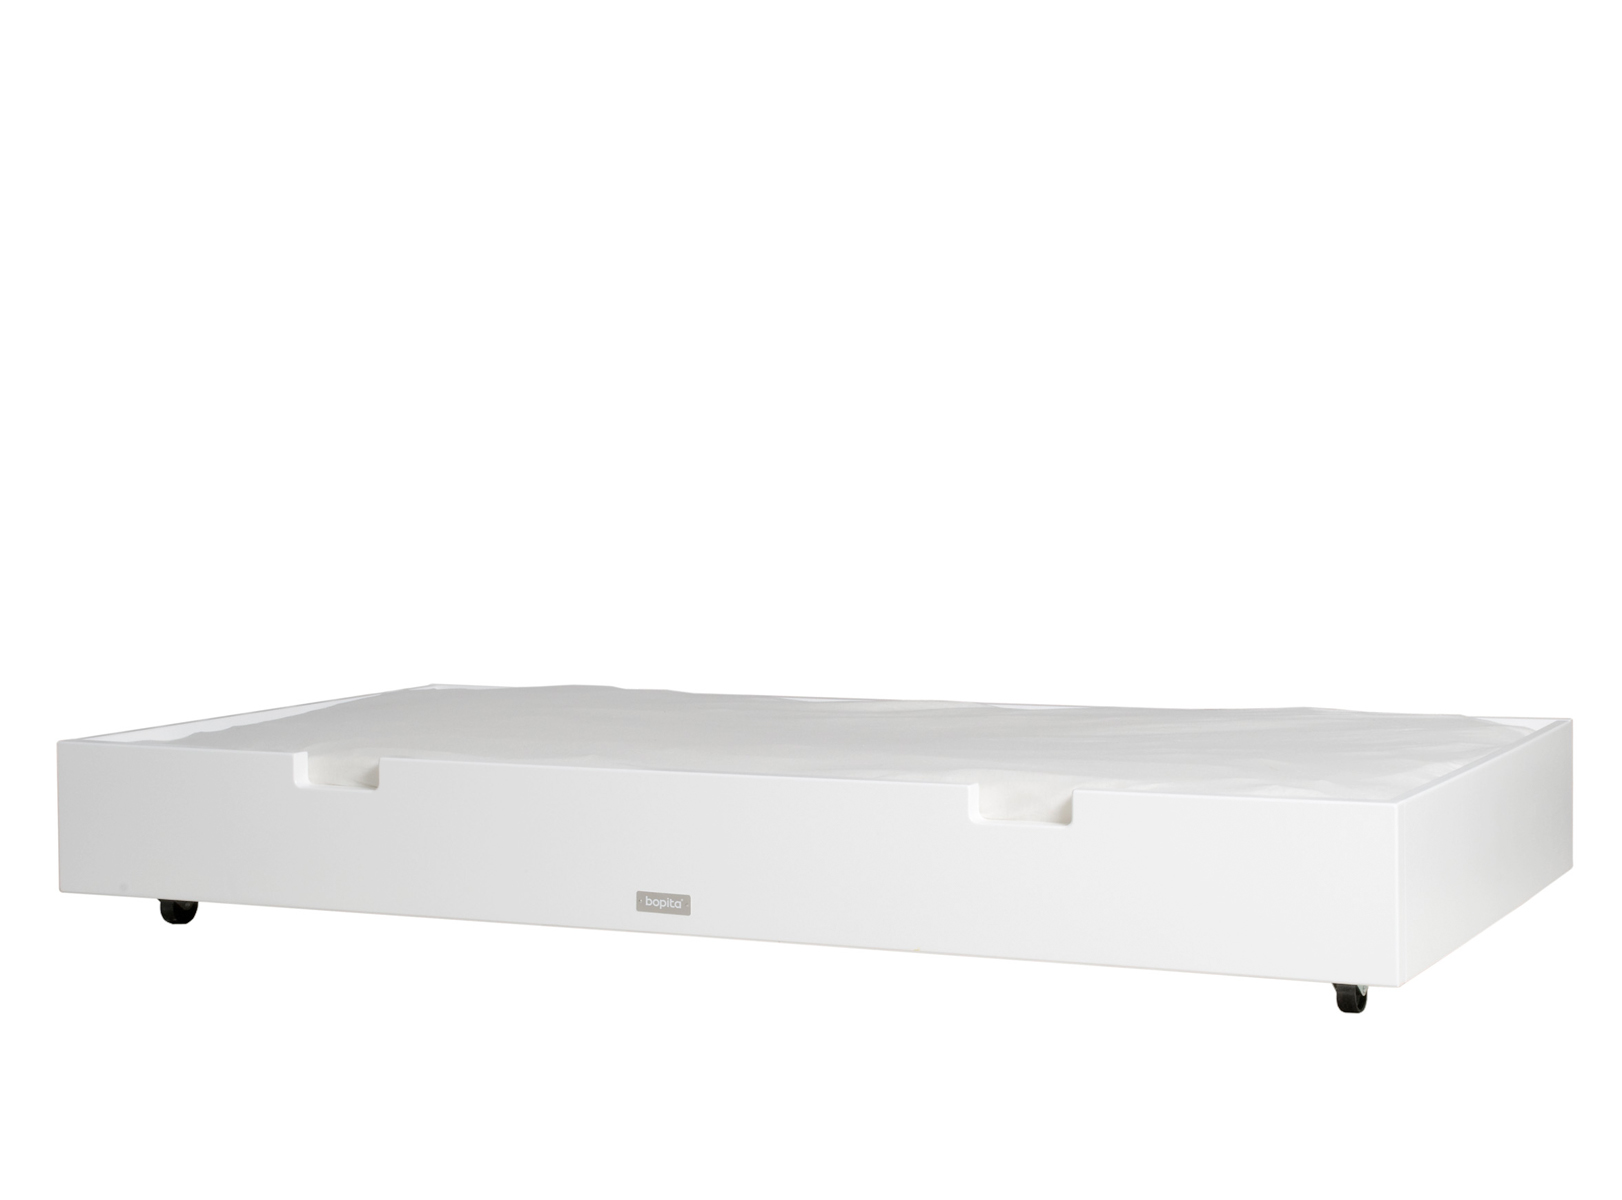 Bopita Nordic Etagenbett : Schublade gästebett mix match combiflex in weiß von bopita